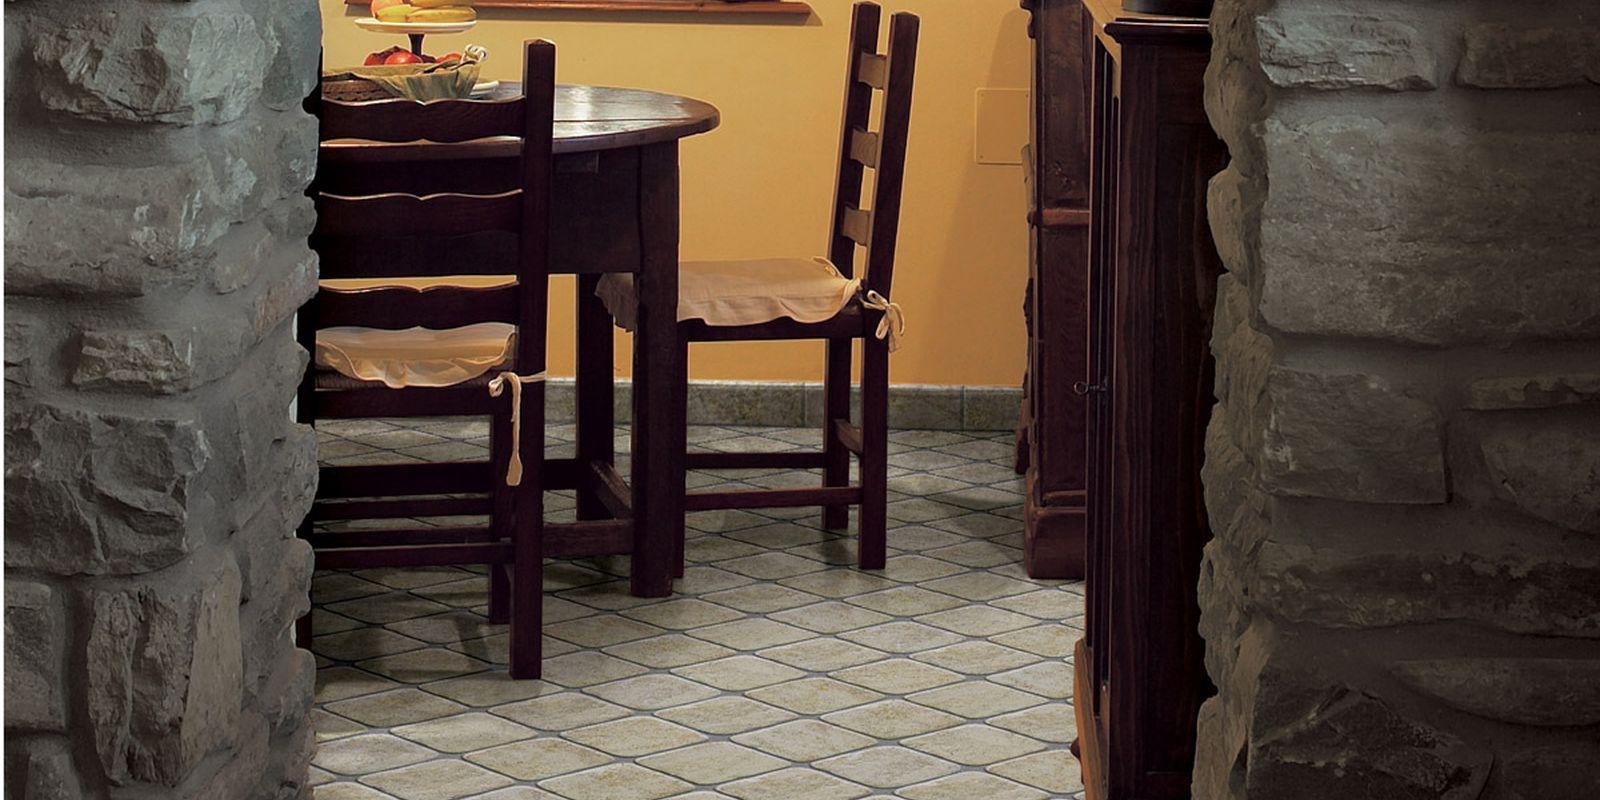 Camelot cooperativa ceramiche d 39 imola pavimenti gres - Pavimenti per cucina rustica ...